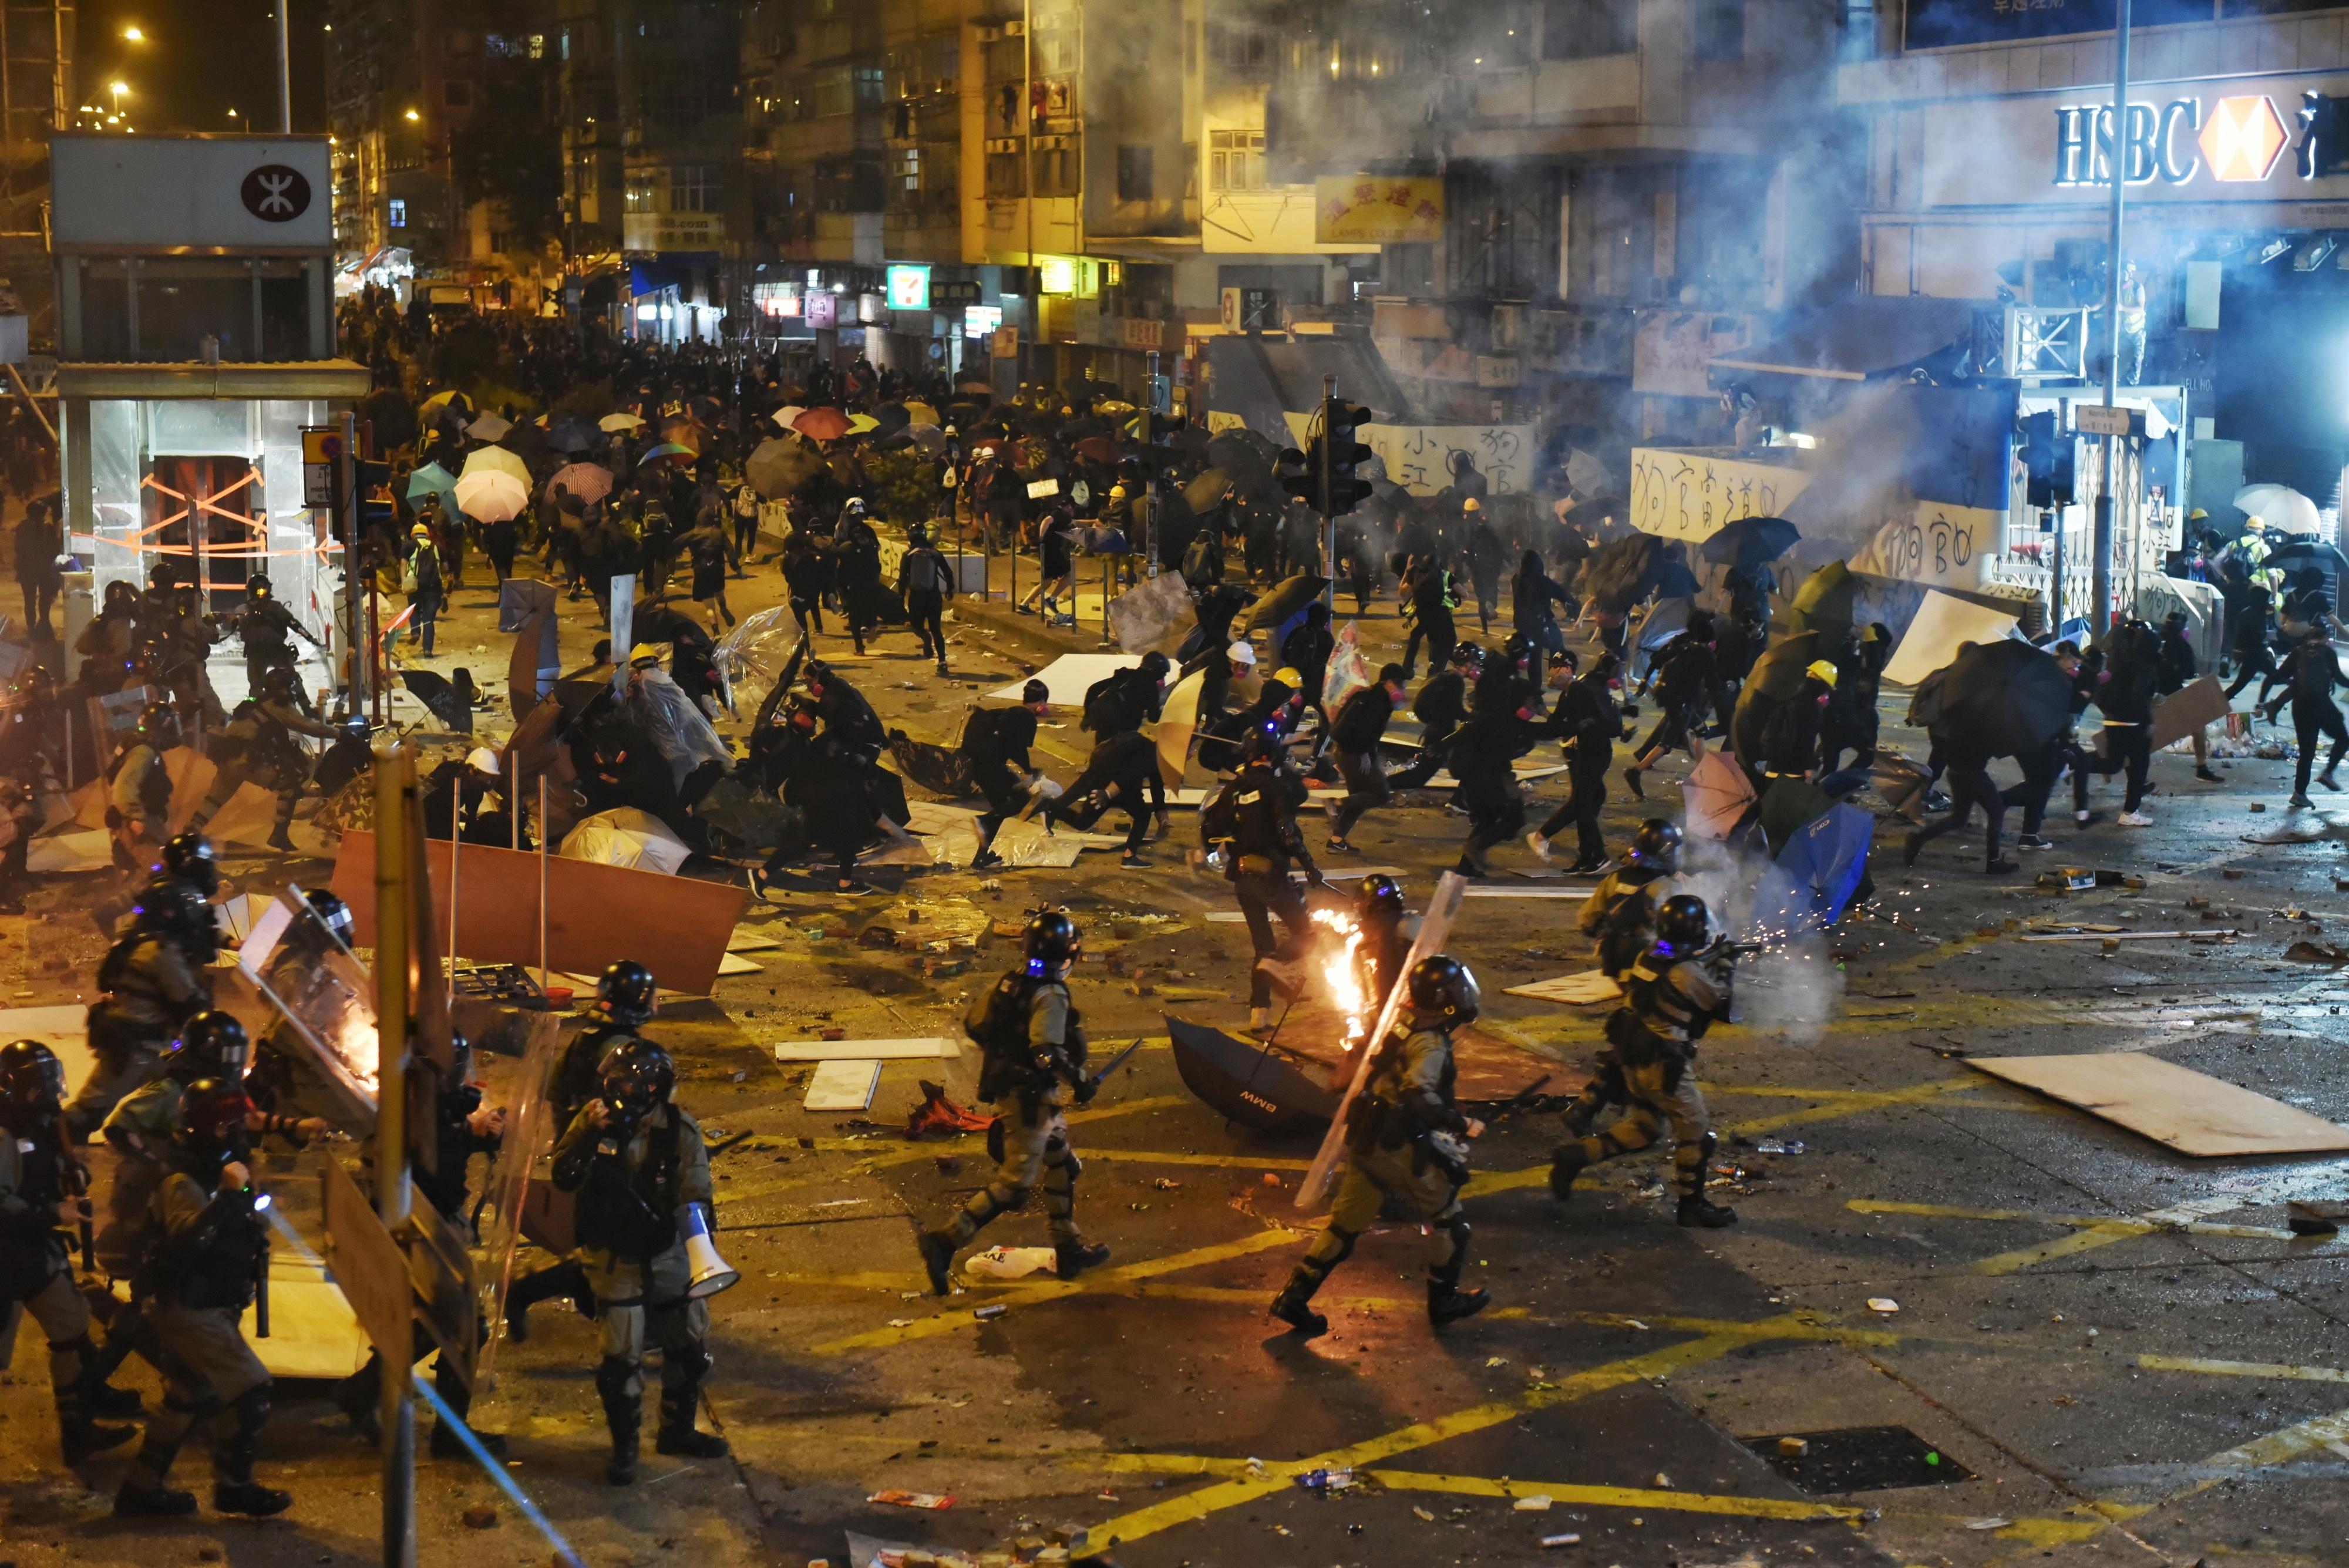 Turismo em Macau e Shenzhen prejudicado pela crise política em Hong Kong - AirAsia